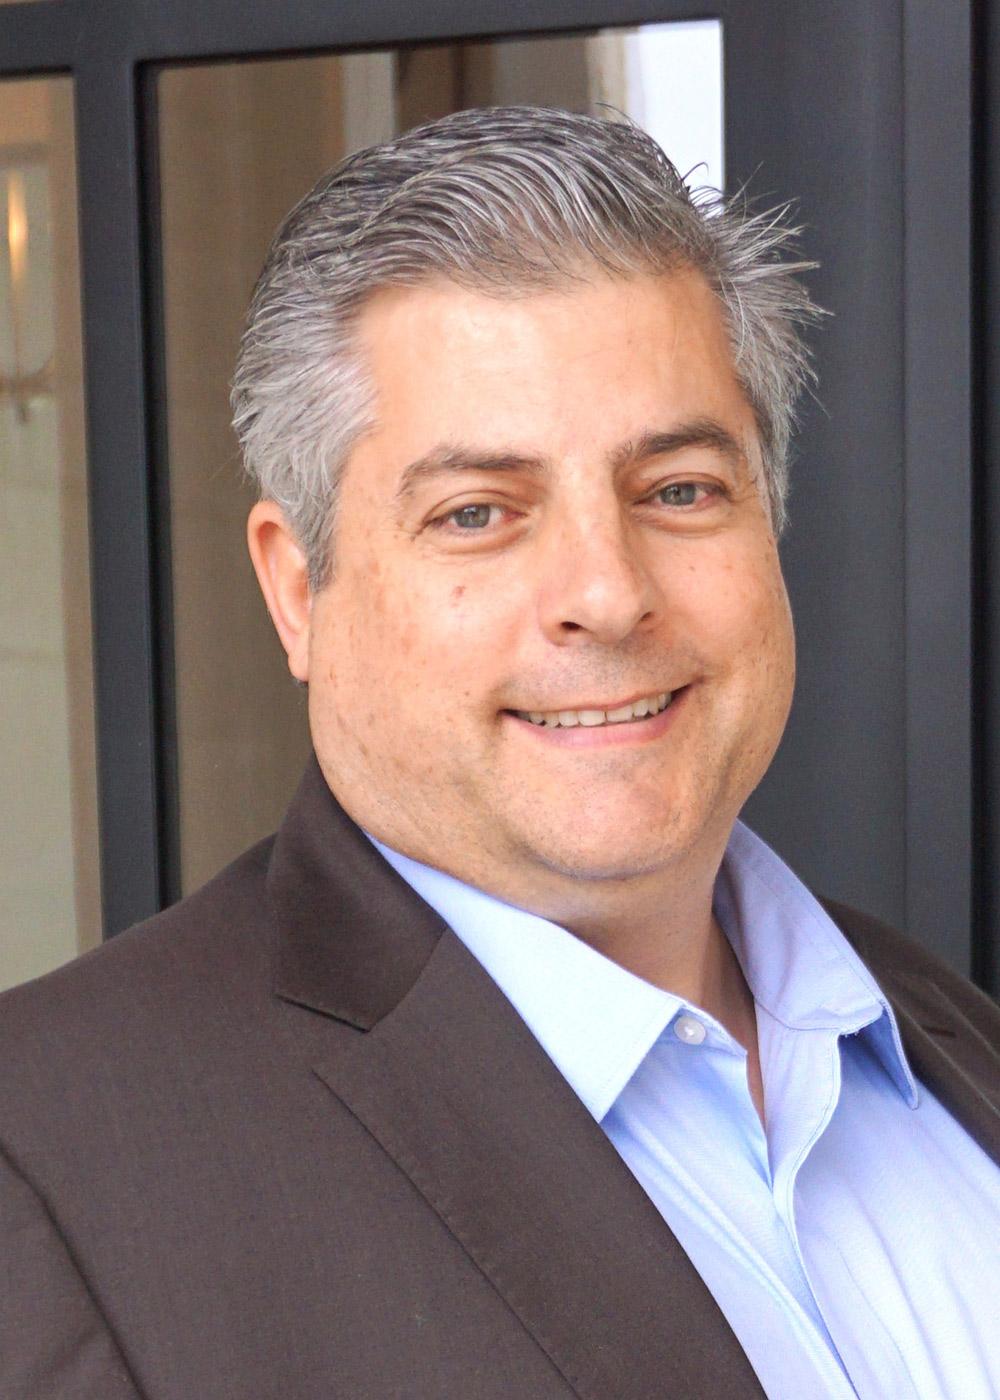 Joseph Mower, VP of Purchasing & Estimating at Stadler Custom Homes